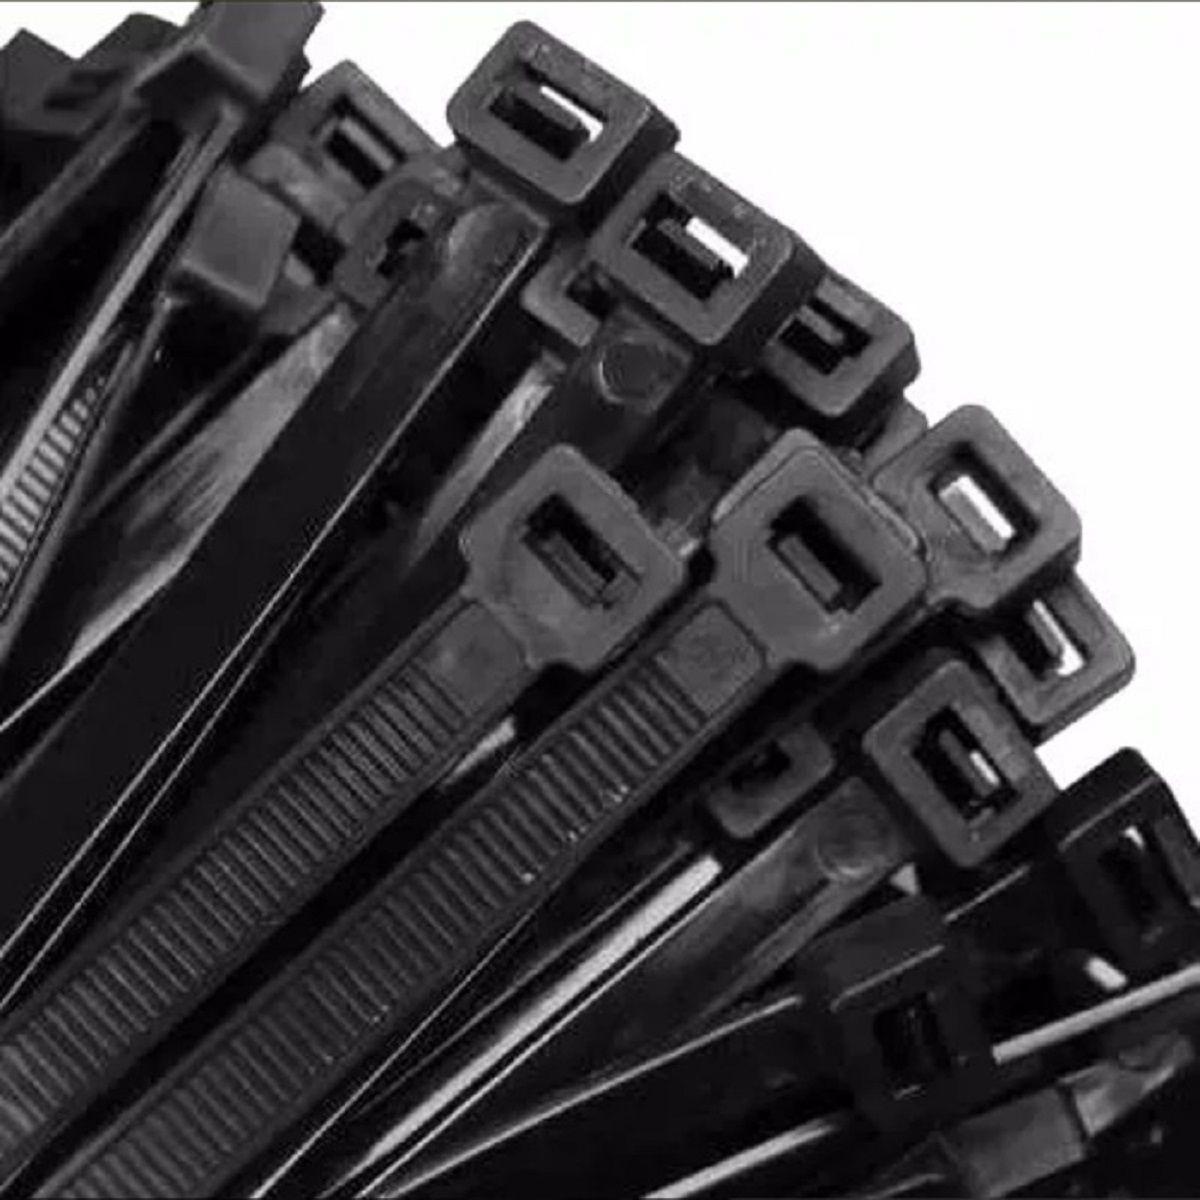 Abraçadeira Nylon Preta 100 Unidades 4,7 X 200 mm  - Rea Comércio - Sua Loja Completa!